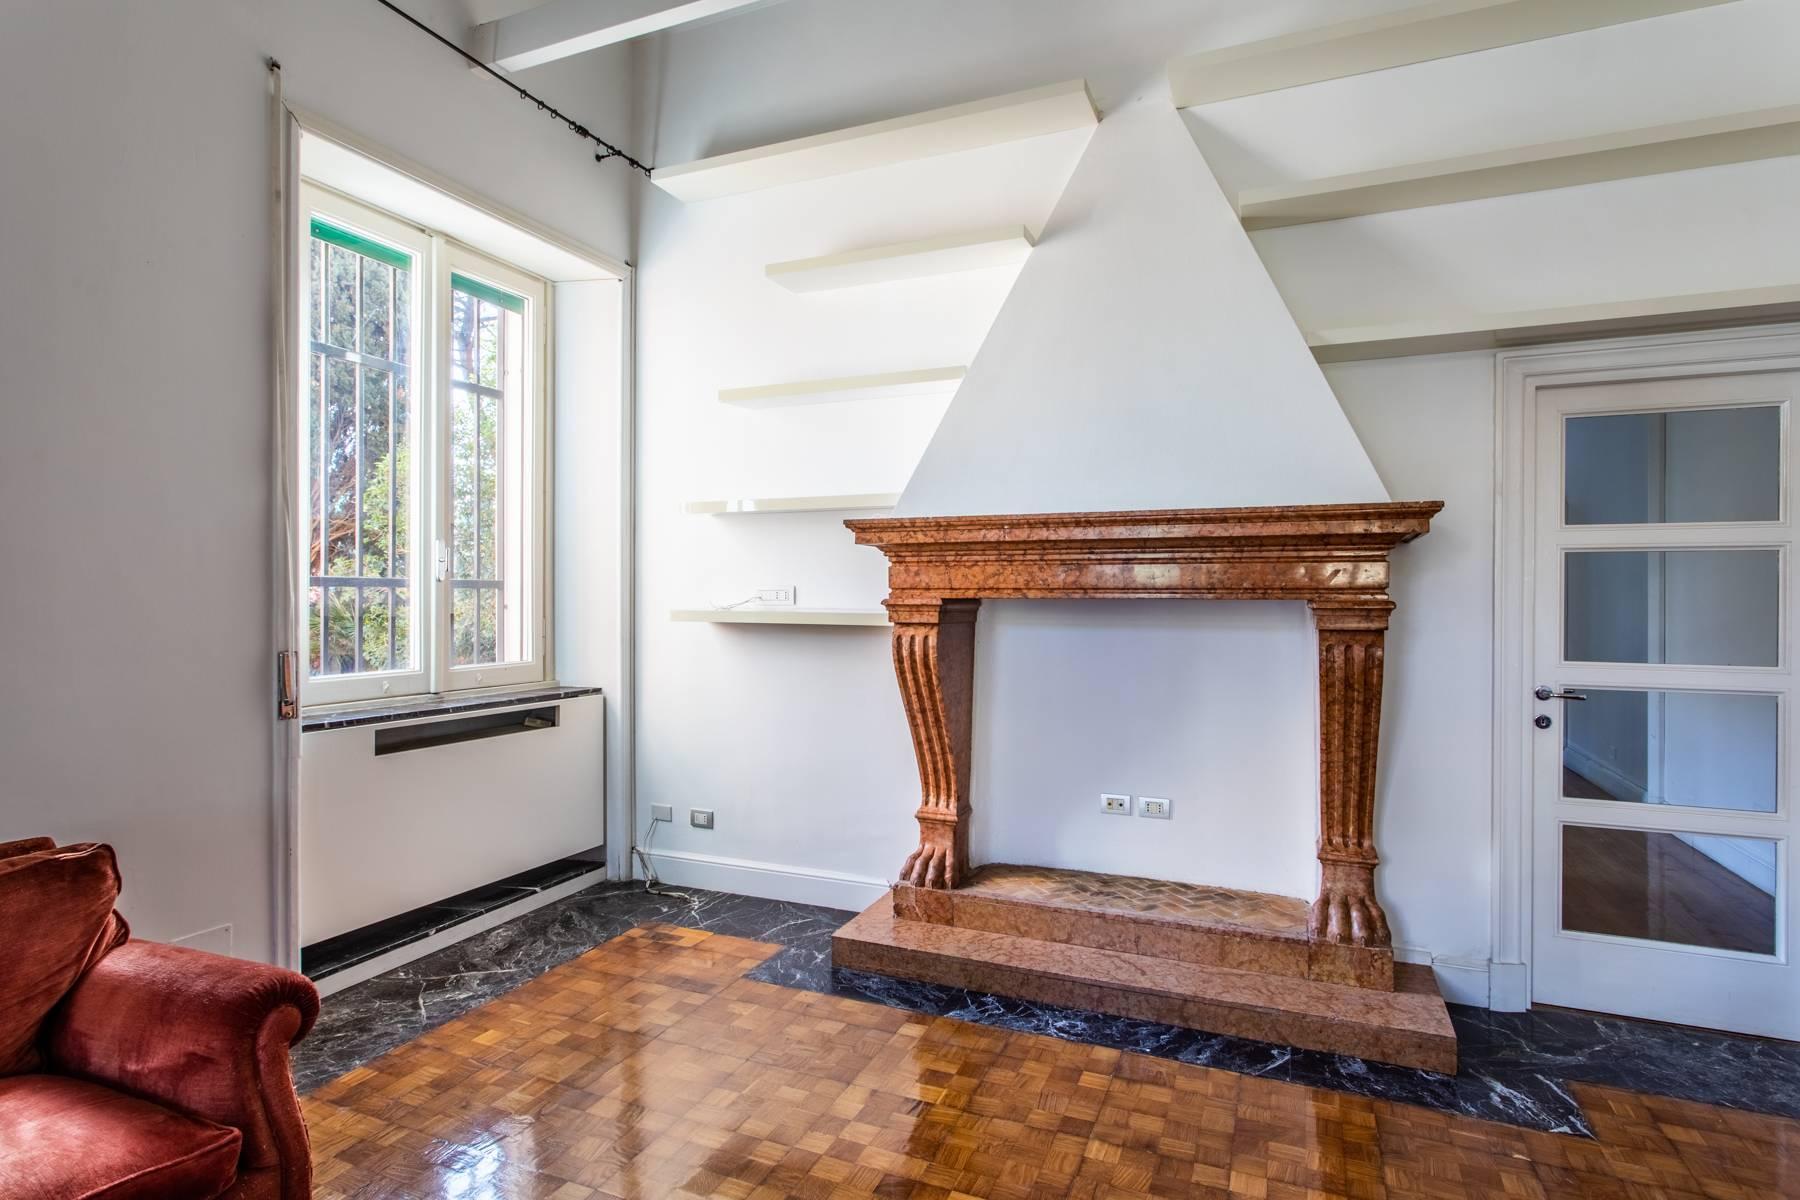 Appartement élégant avec vue sur le jardin - 5